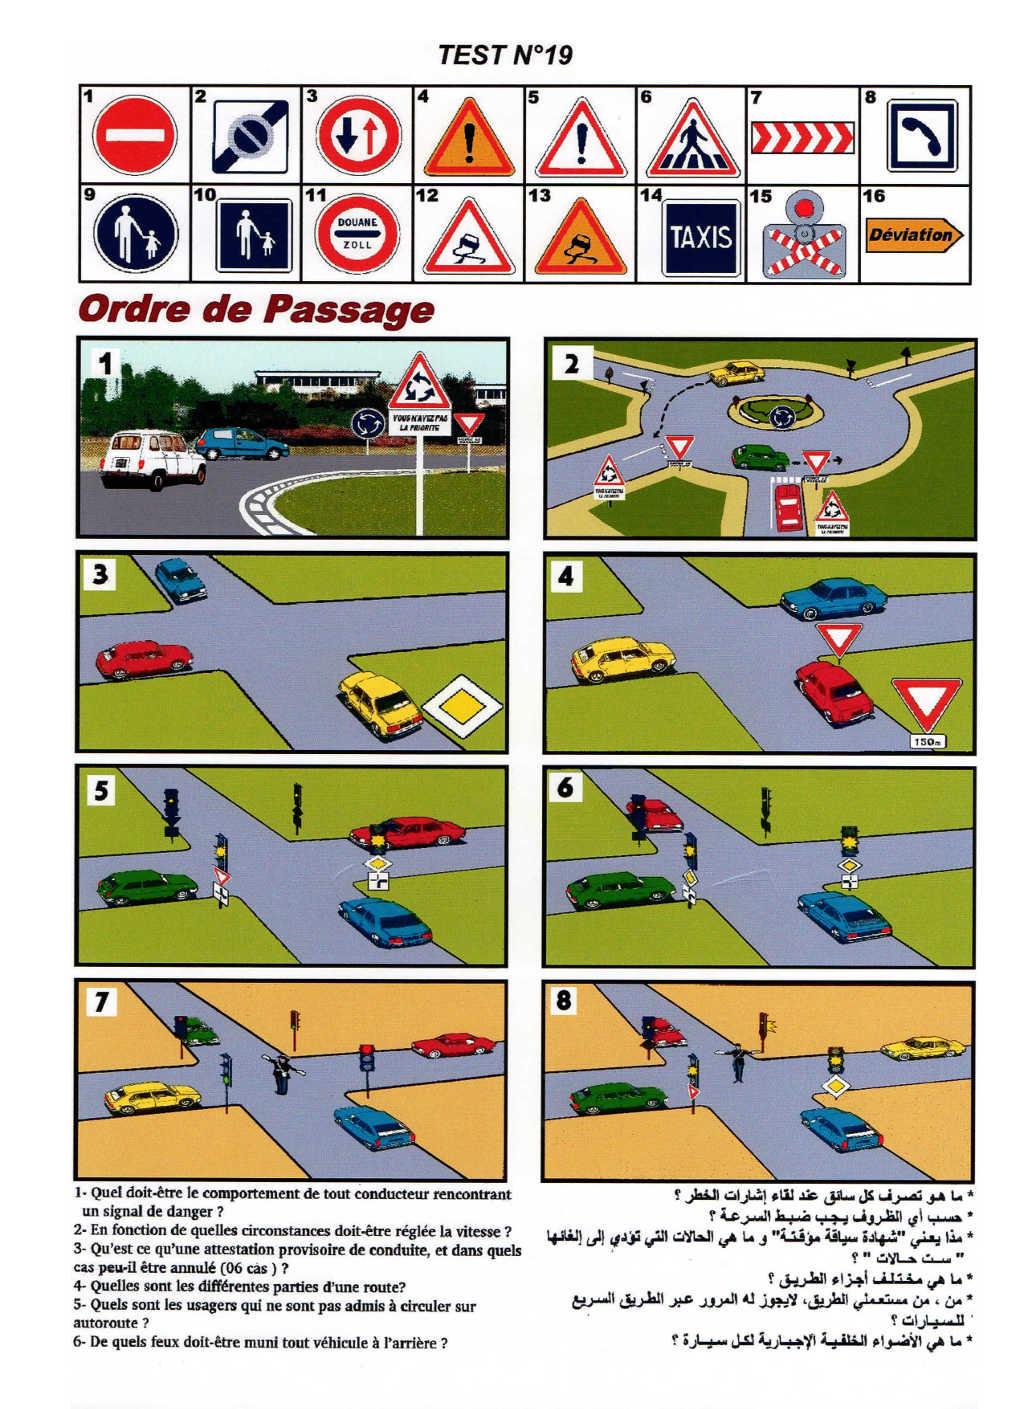 كتاب امتحان رخصة السياقة - الصفحة 19